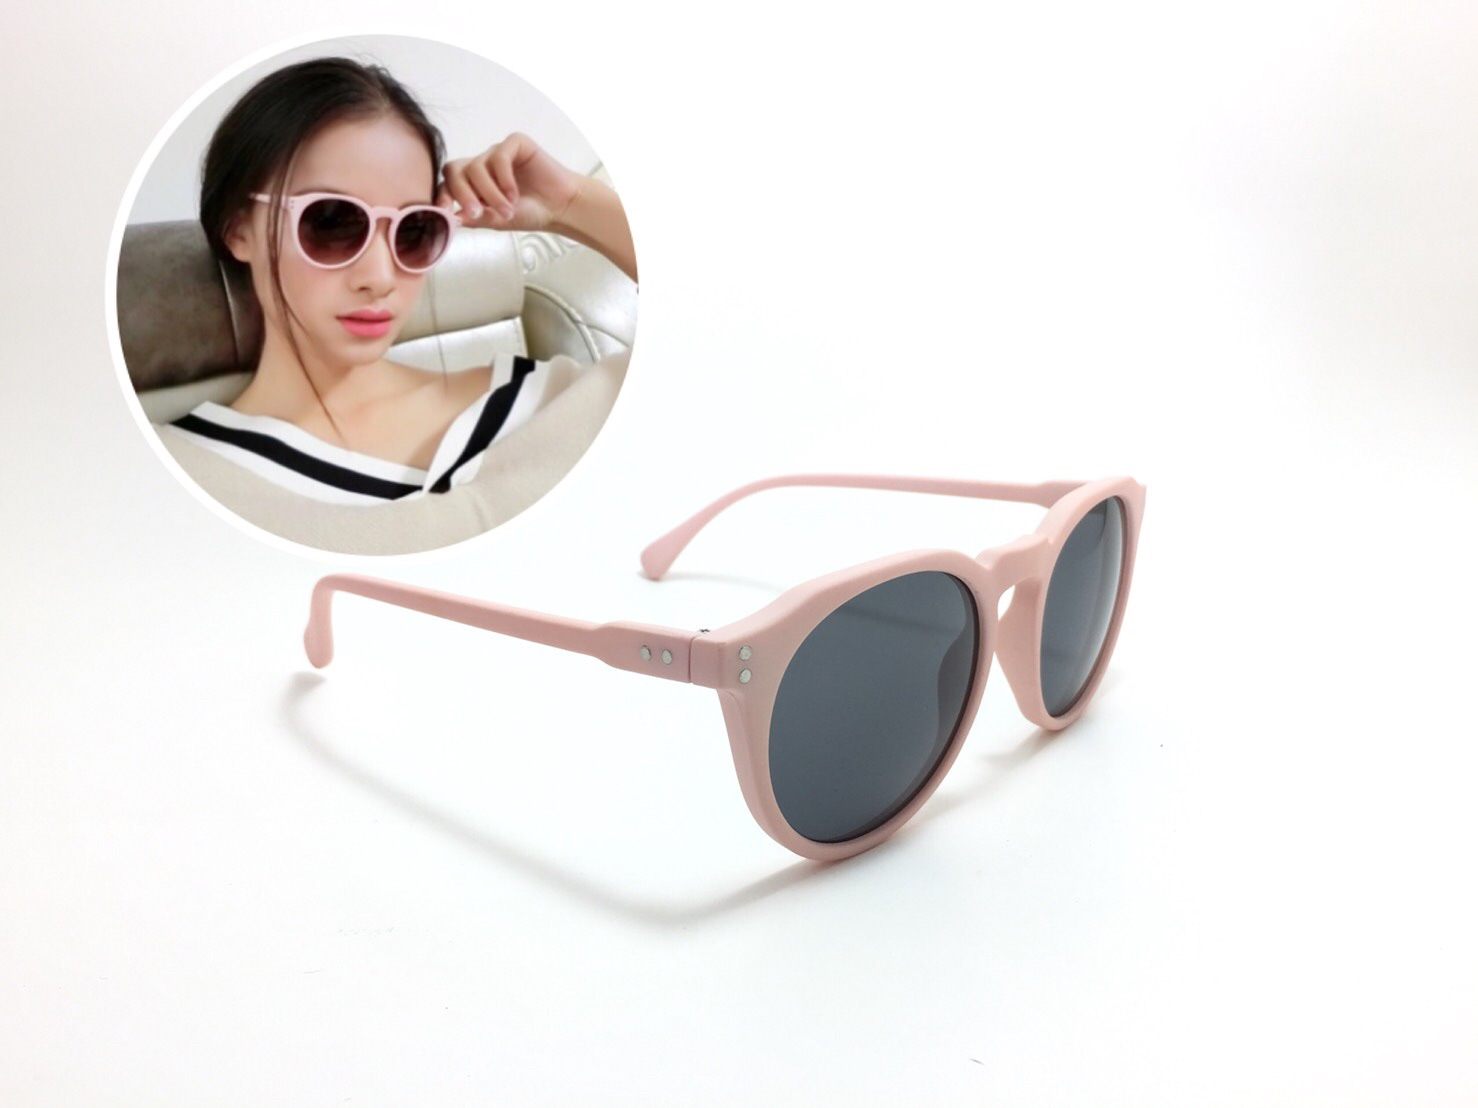 แว่นกันแดดแฟชั่น Topman Matte Pink Round Sunglasses 51-17-140 <ชมพู>